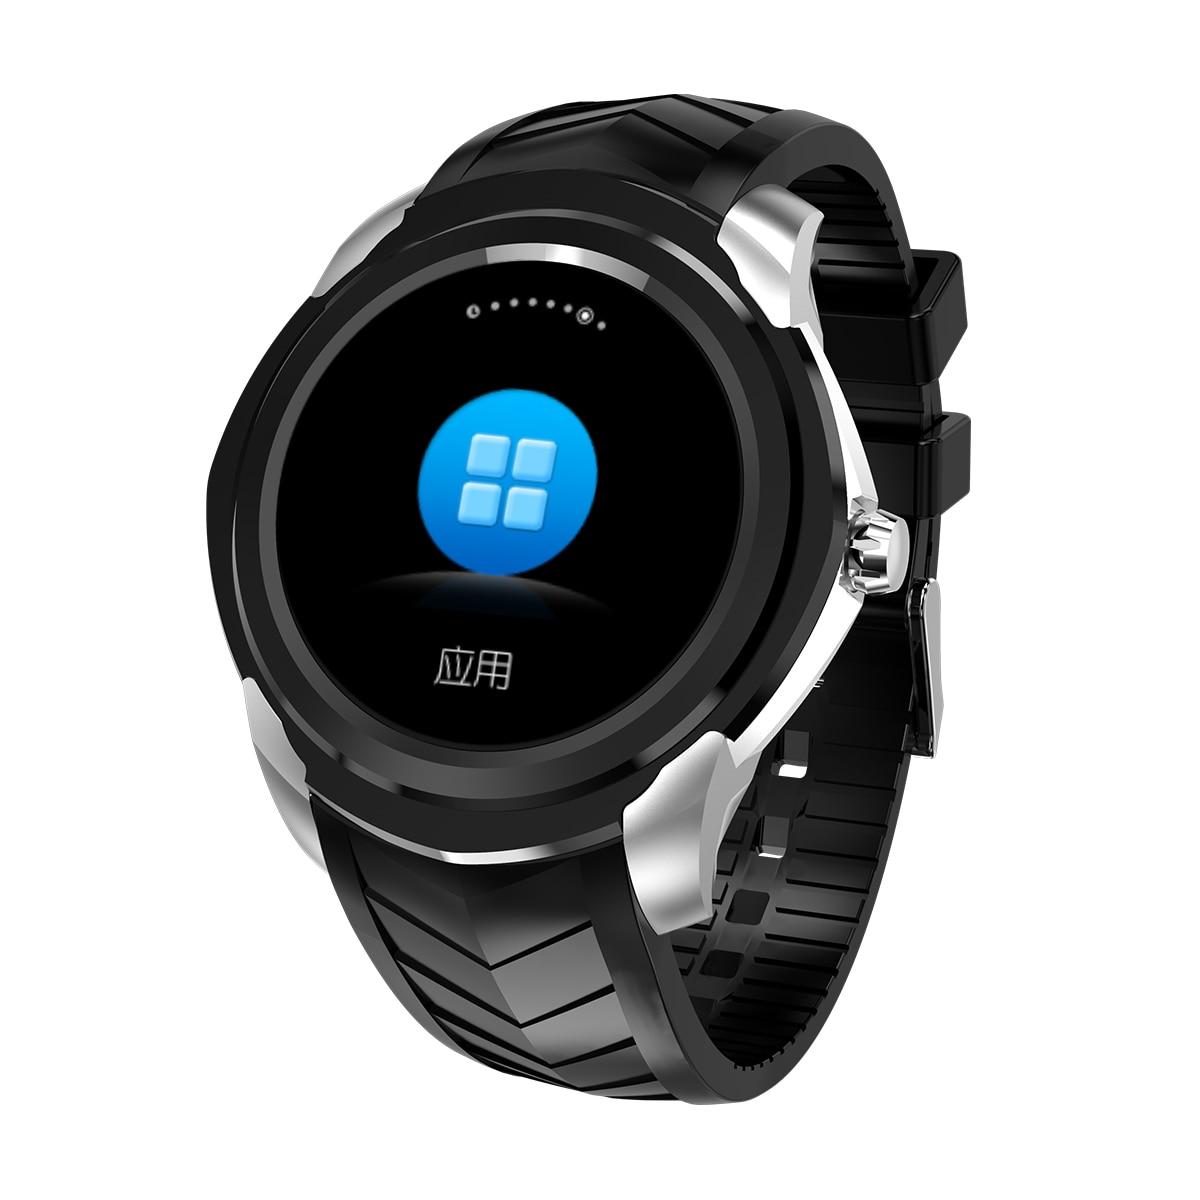 C1 GPS montre intelligente Android hommes moniteur de fréquence cardiaque podomètre Mode sport bluetooth Smartwatch prise en charge carte 32G TF